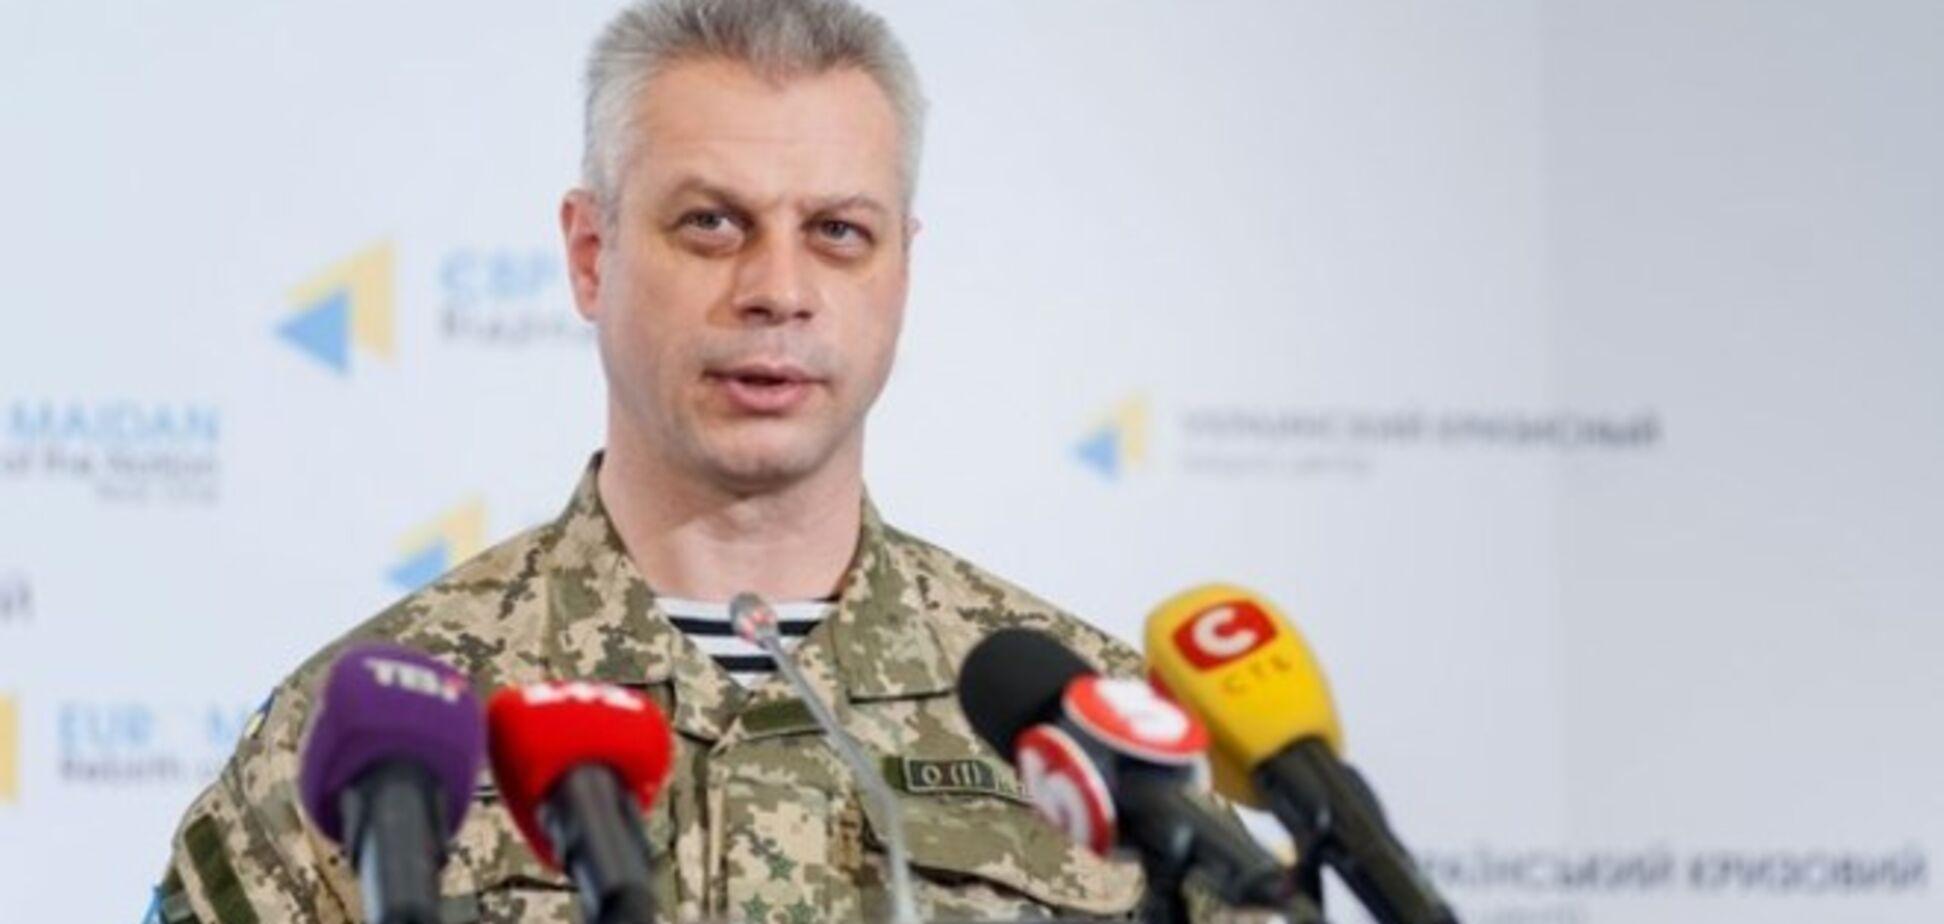 Украина не будет отводить тяжелое вооружение, пока обстрелы полностью не прекратятся - СНБО